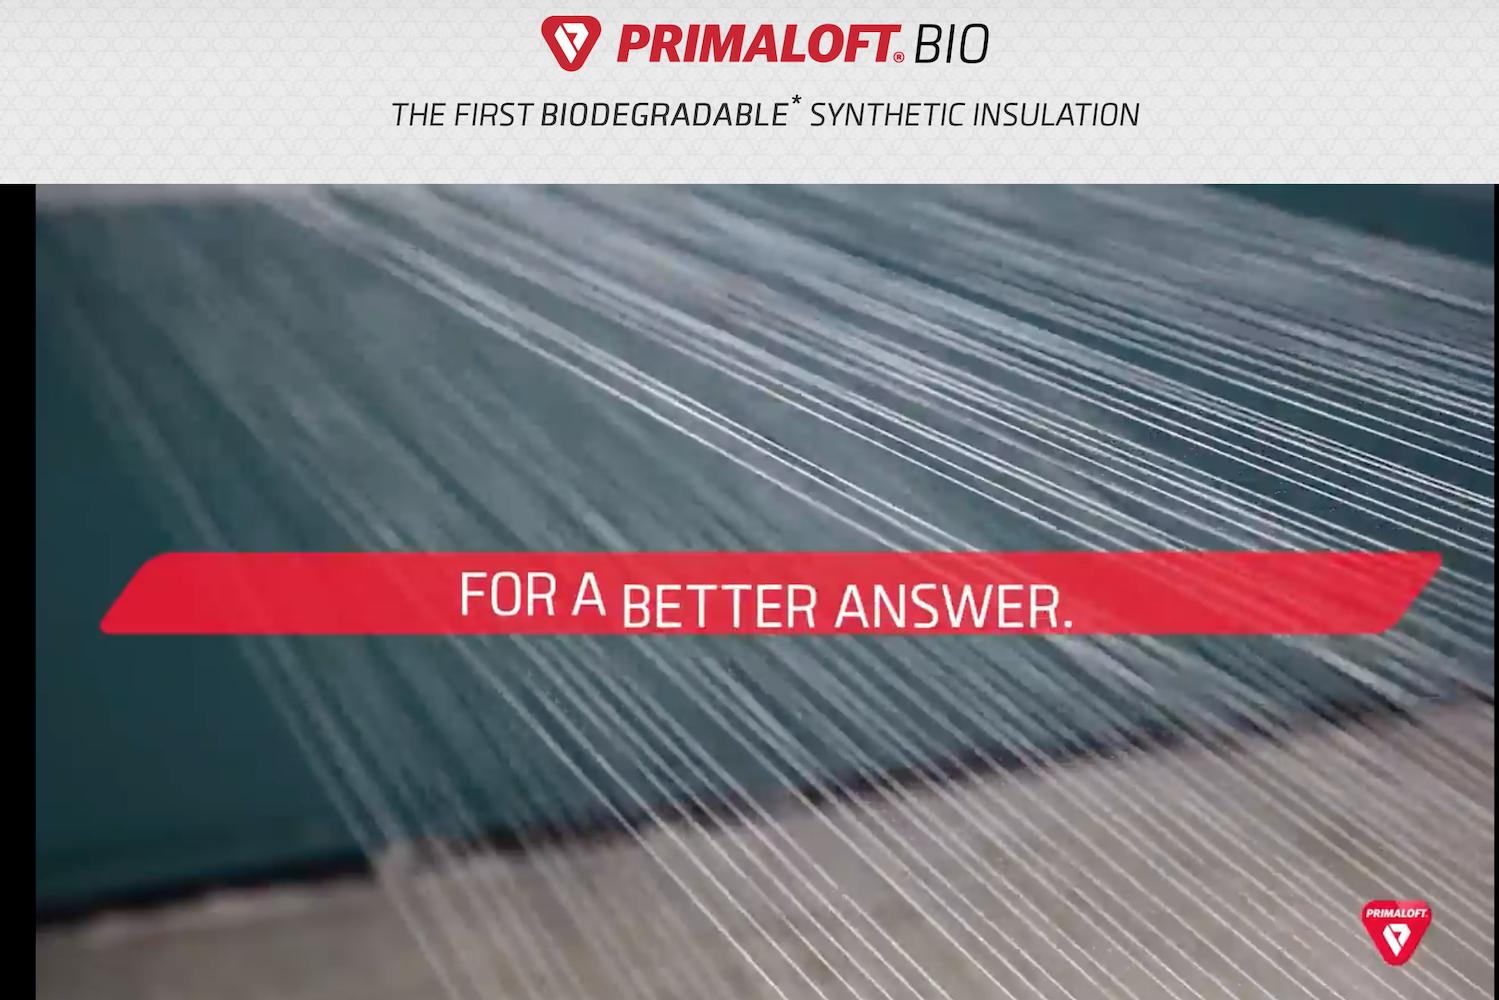 解决人造纤维的环保难题:完全使用回收材料制成、可自然降解的 Primaloft Bio 面世